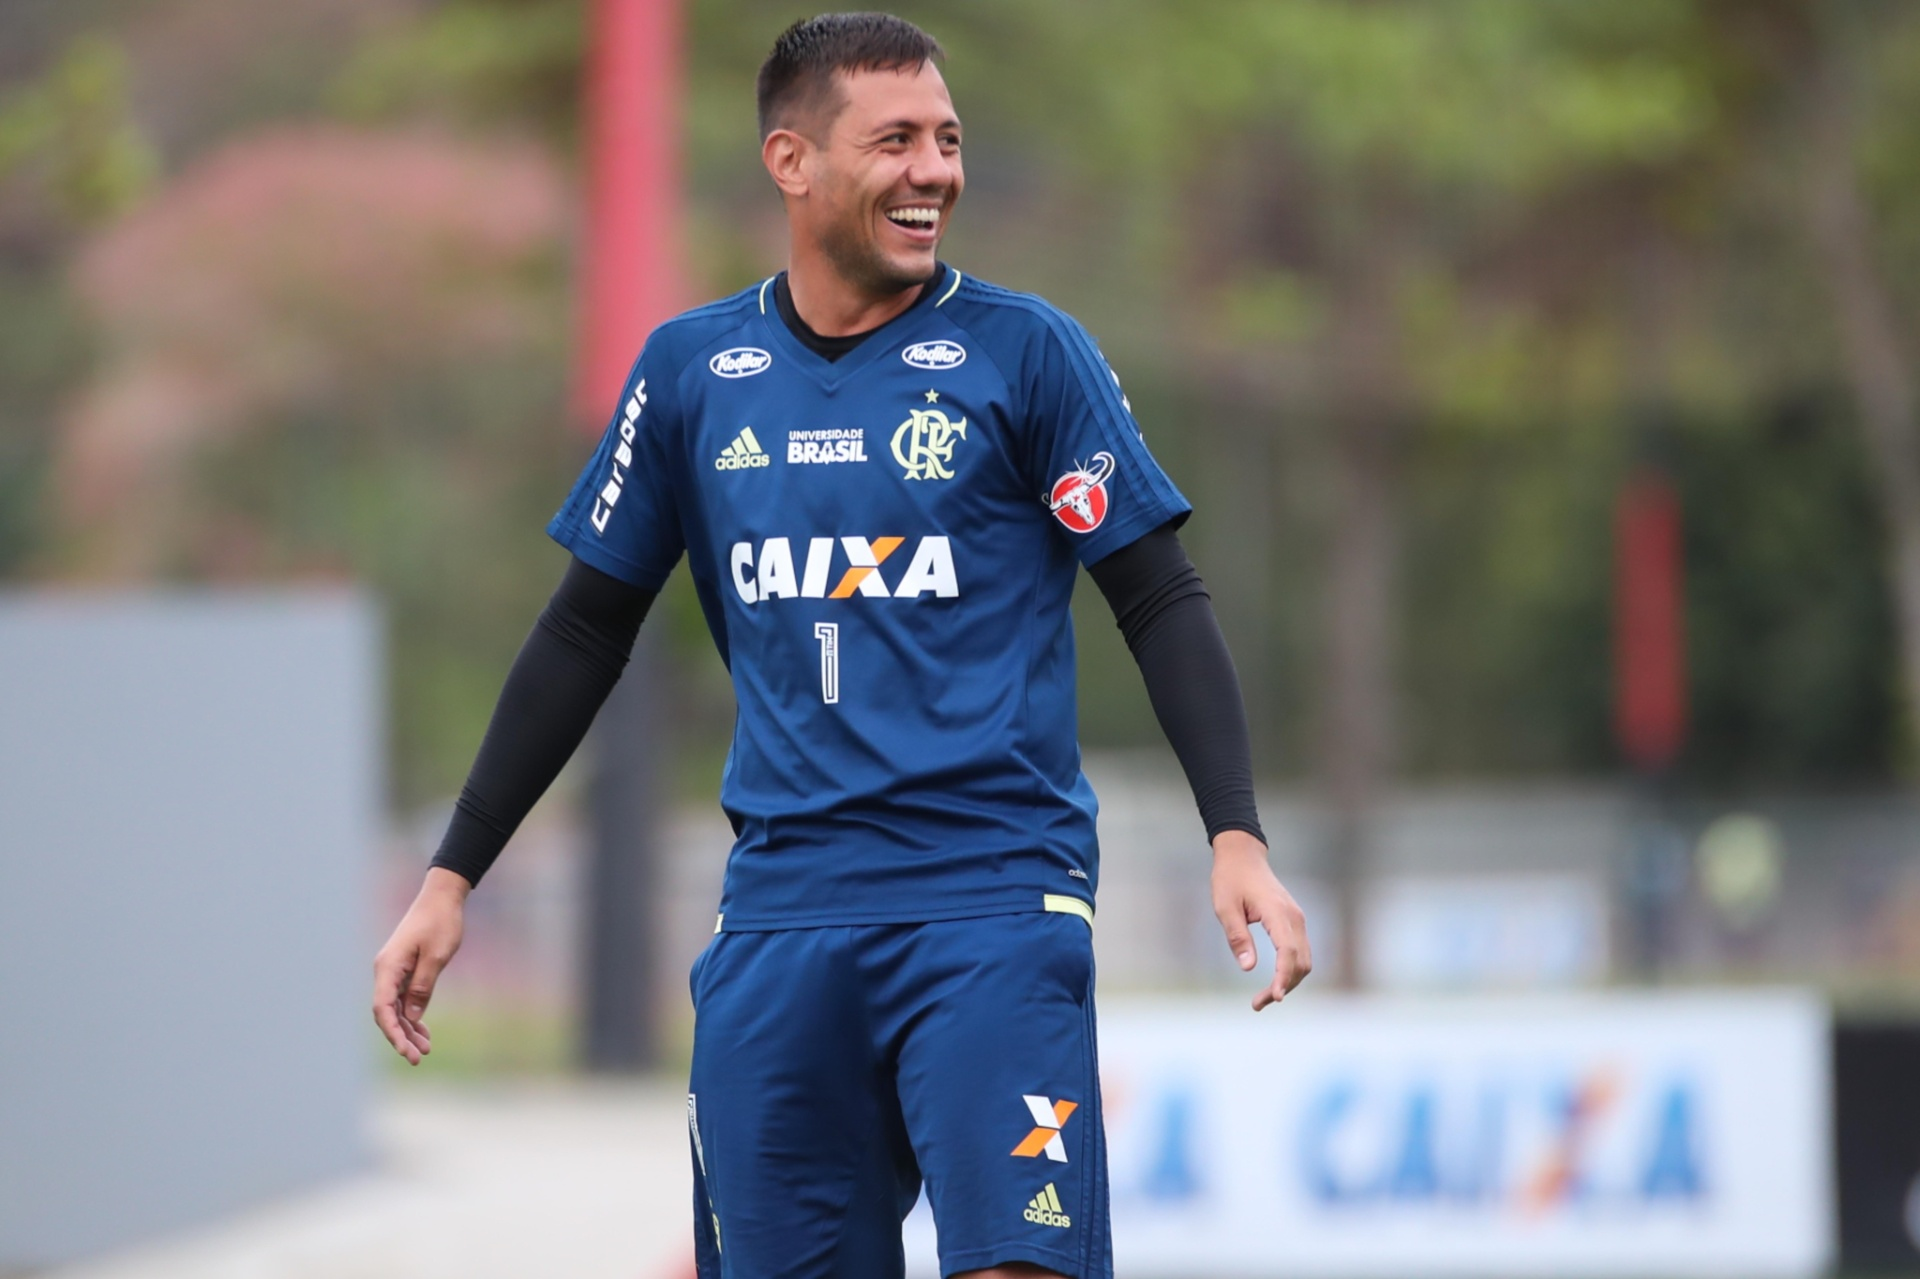 Dirigente vê pressão exagerada sobre Diego e analisará ação de Diego Alves  - 28 04 2018 - UOL Esporte 16c838bf4e2dd